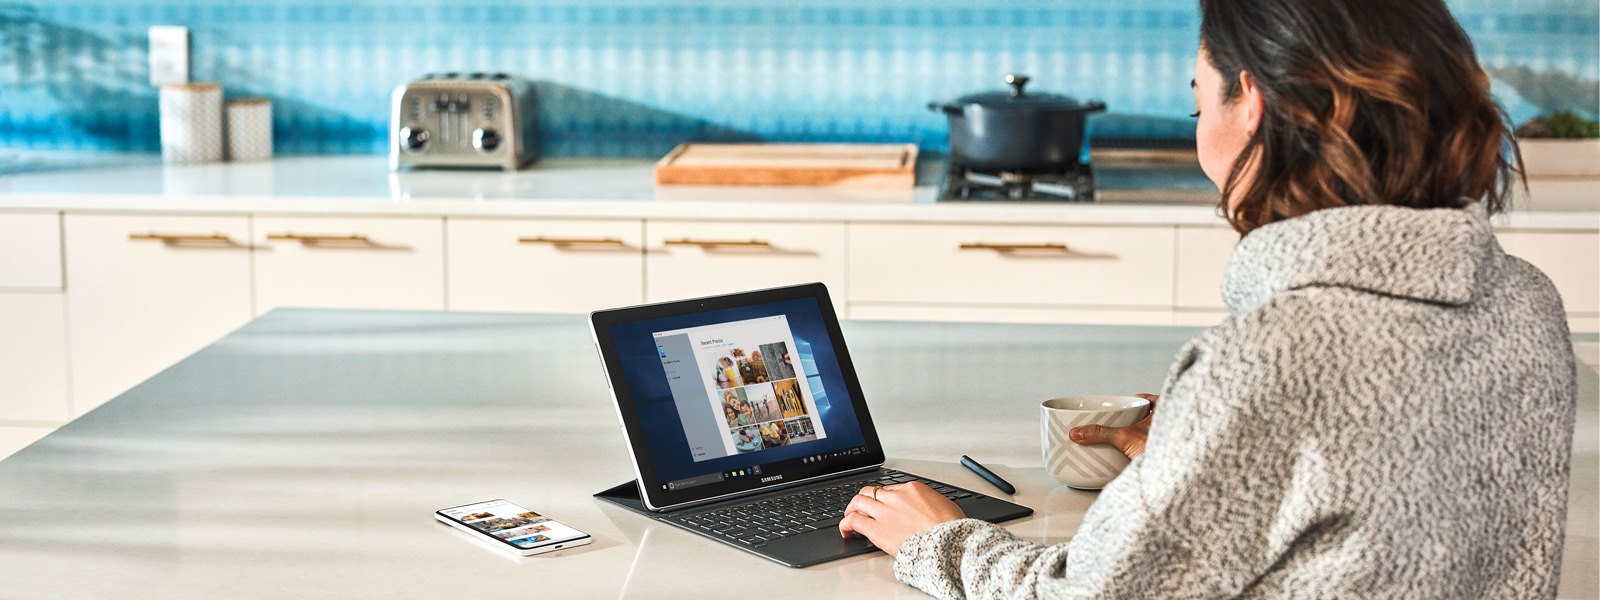 Mujer sentada en el mostrador de la cocina y usando un portátil Windows 10 con su teléfono móvil